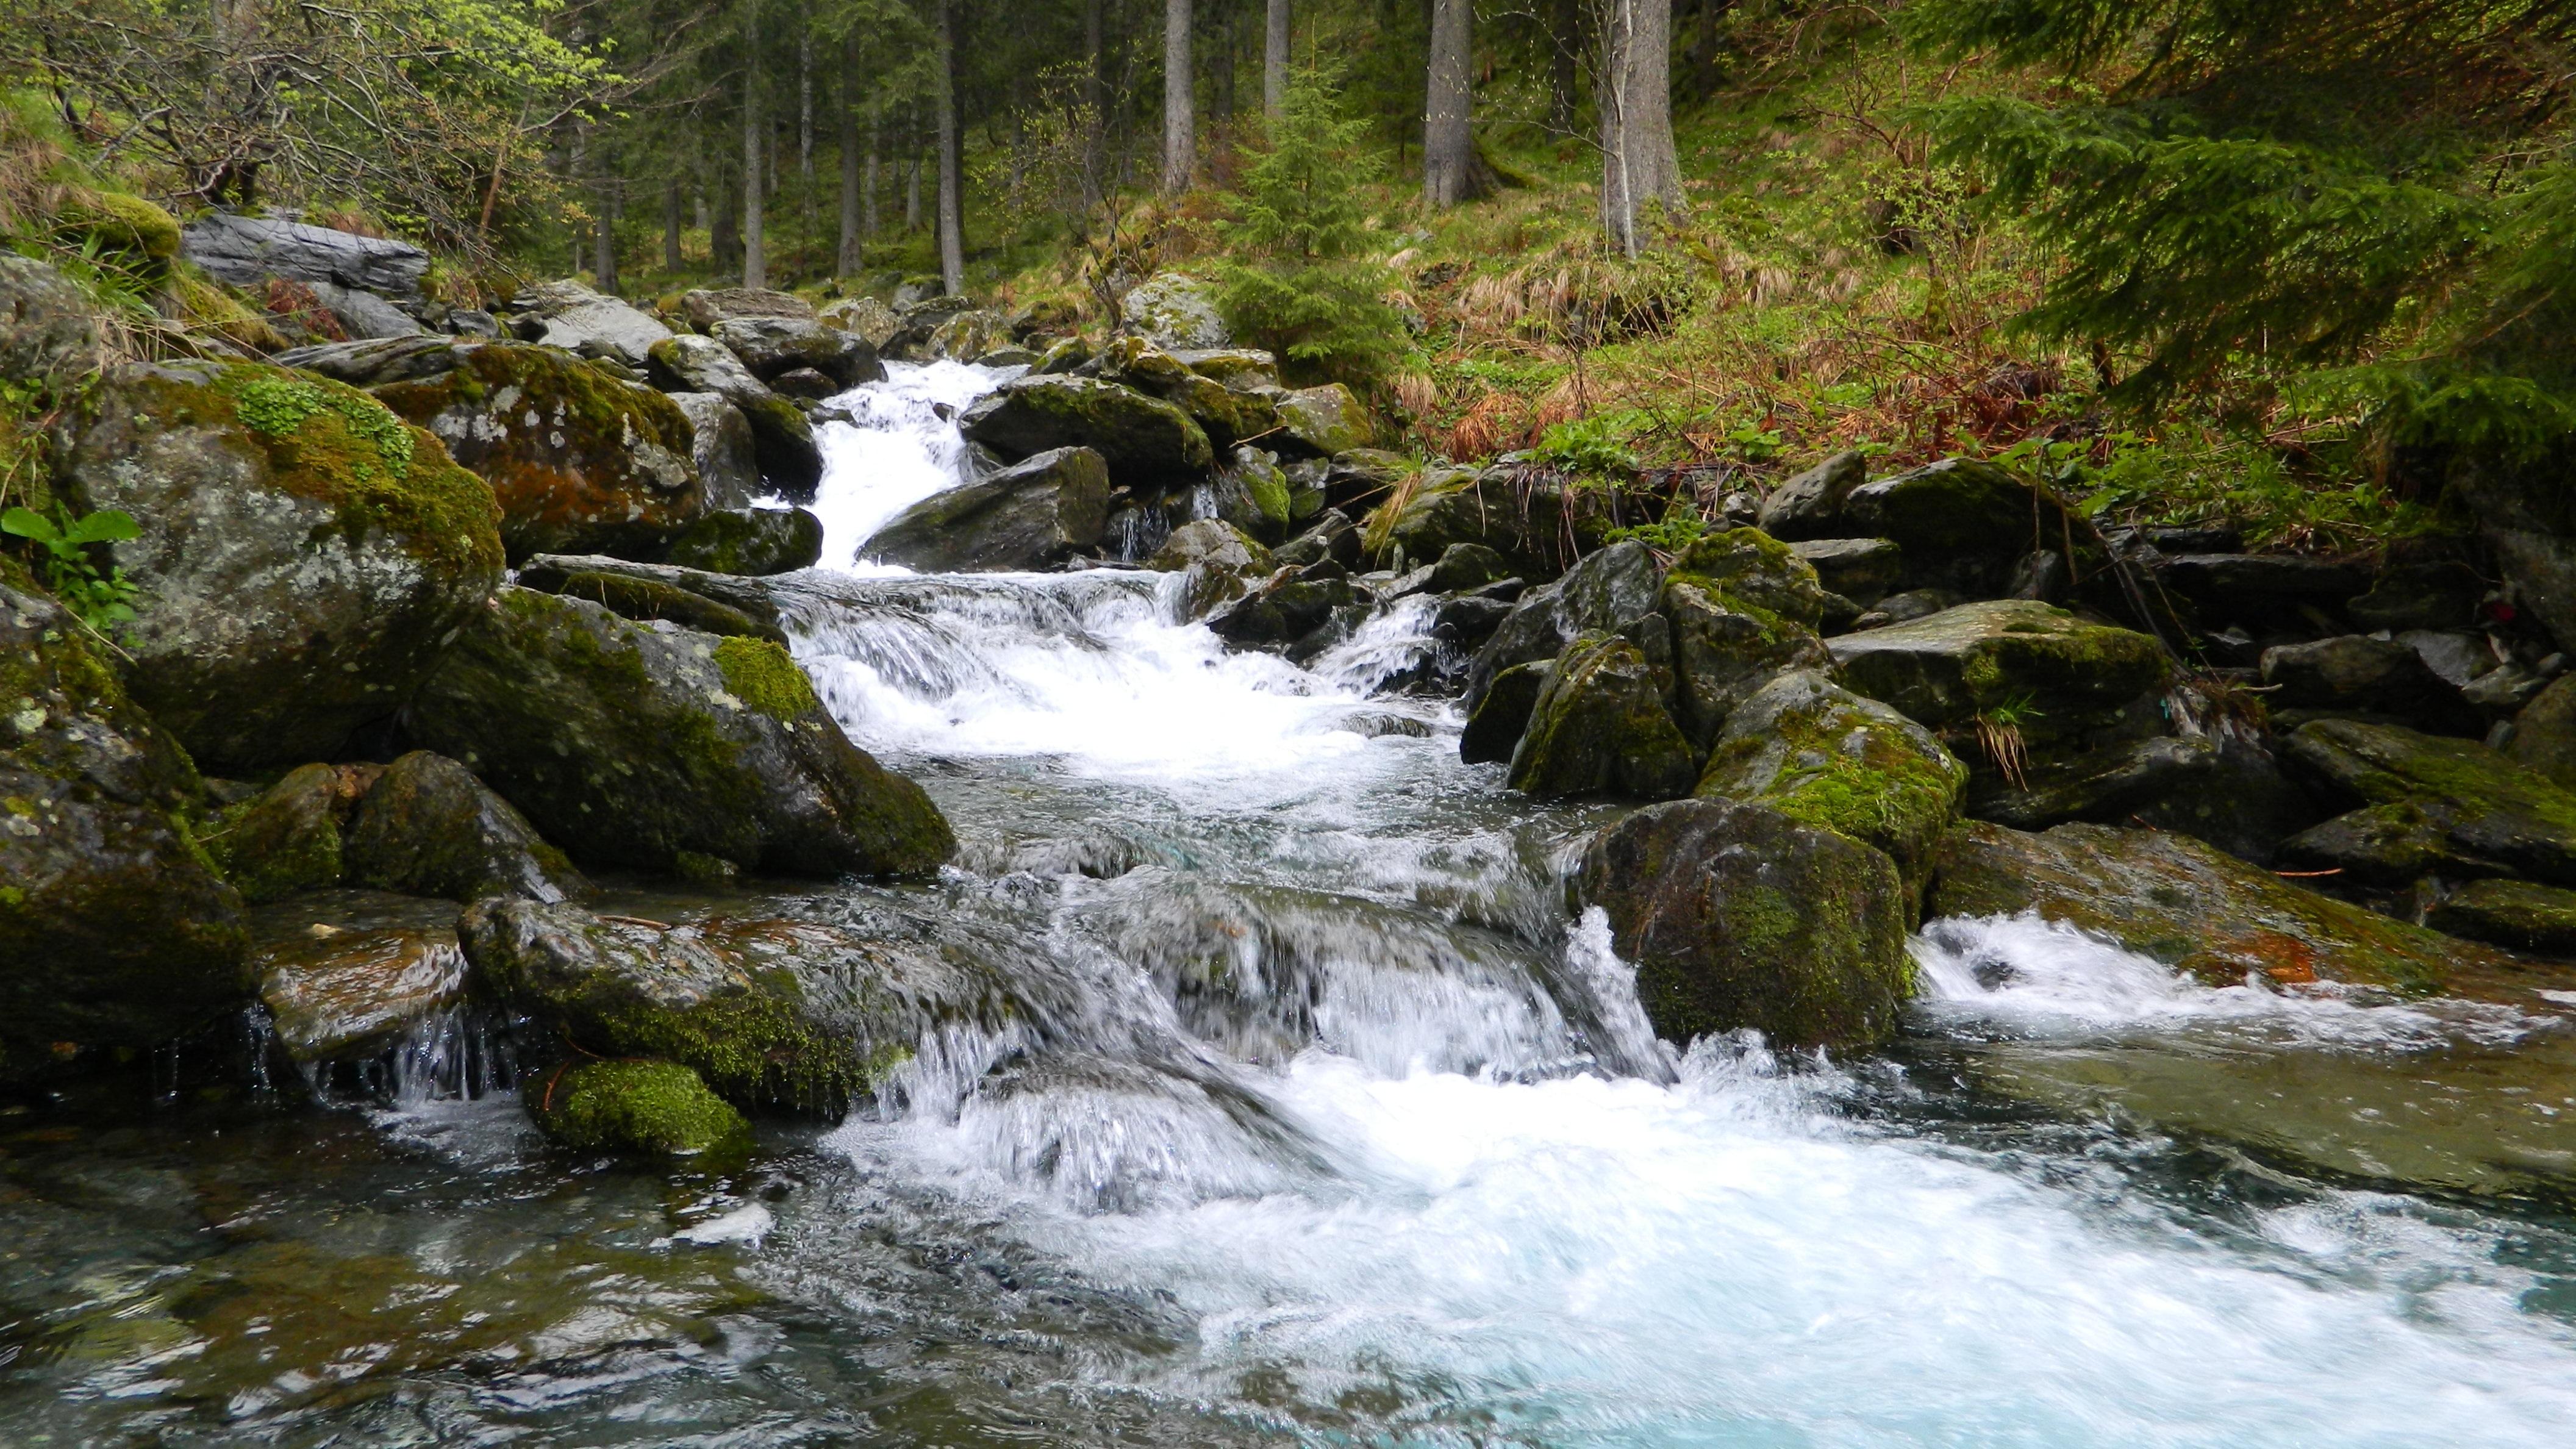 Gambar Pemandangan Alam Hutan Air Terjun Sungai Kecil Gurun